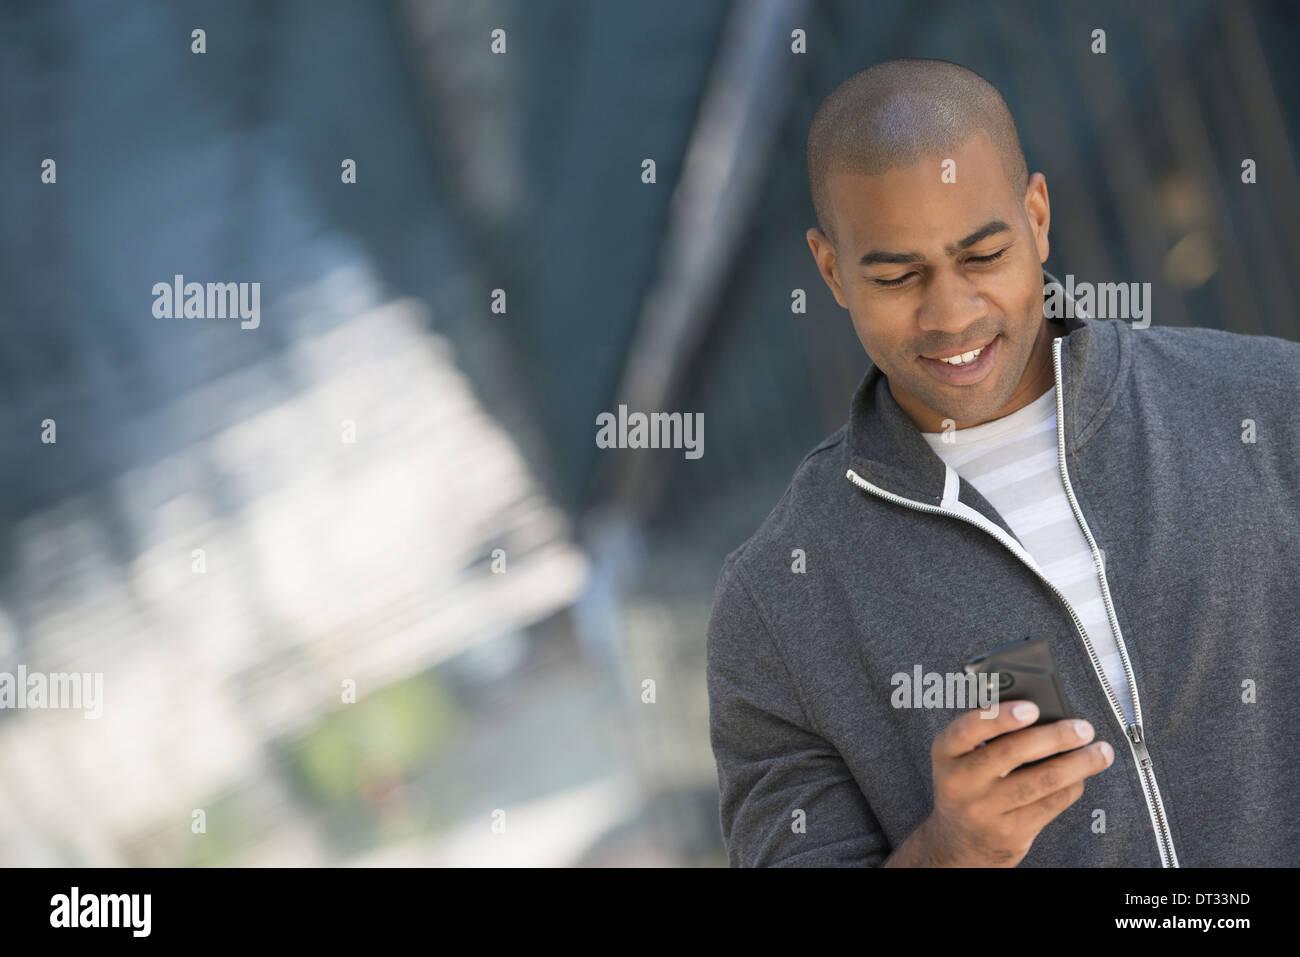 Un uomo in grigio Felpa con zip utilizzando il suo smart phone Immagini Stock